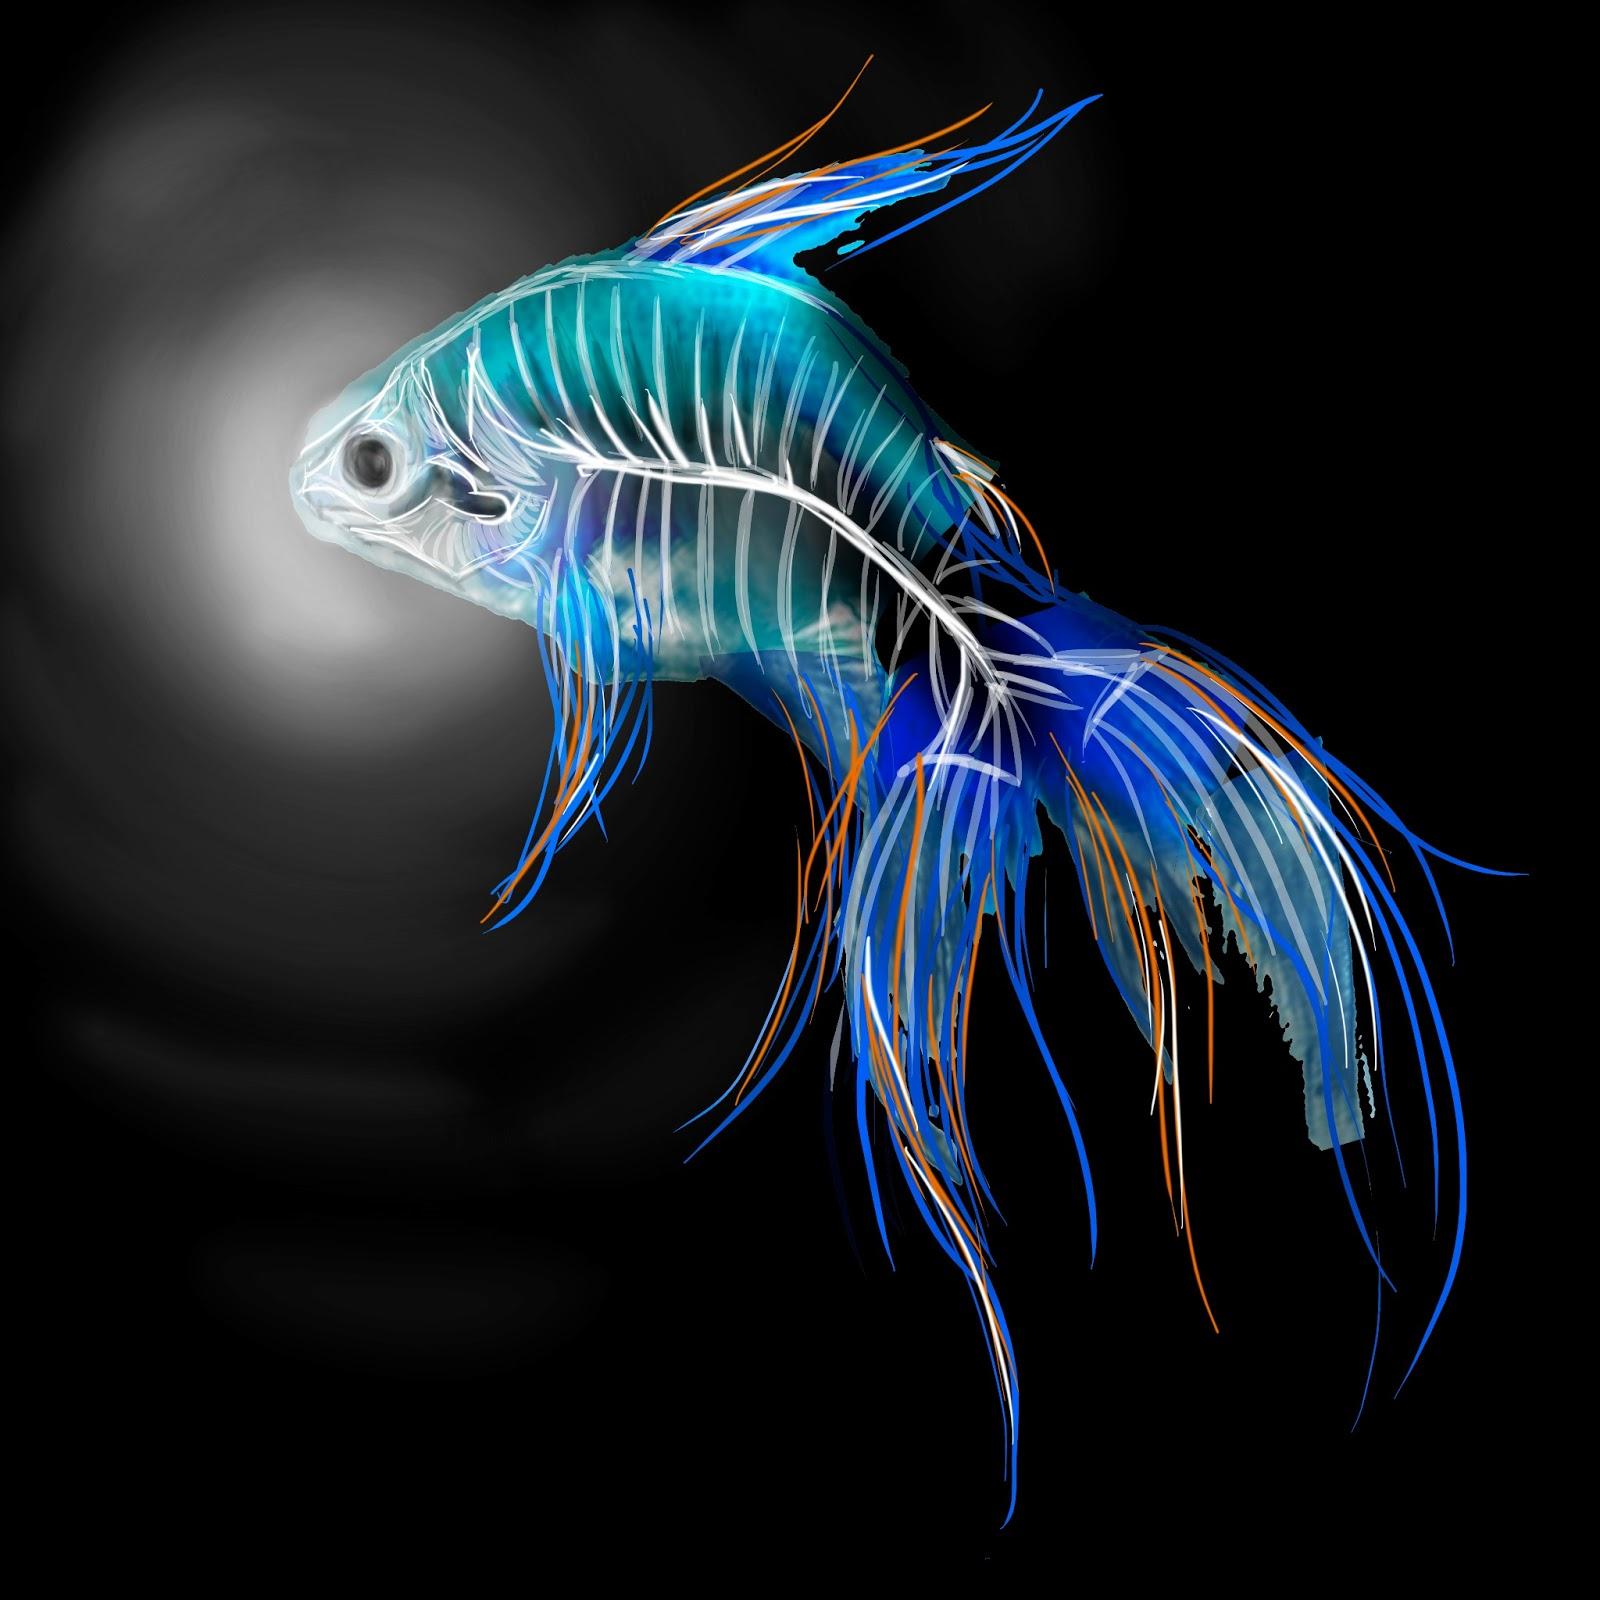 Cuadros con peces cuadros con peces en movimiento for Cuadros de peces